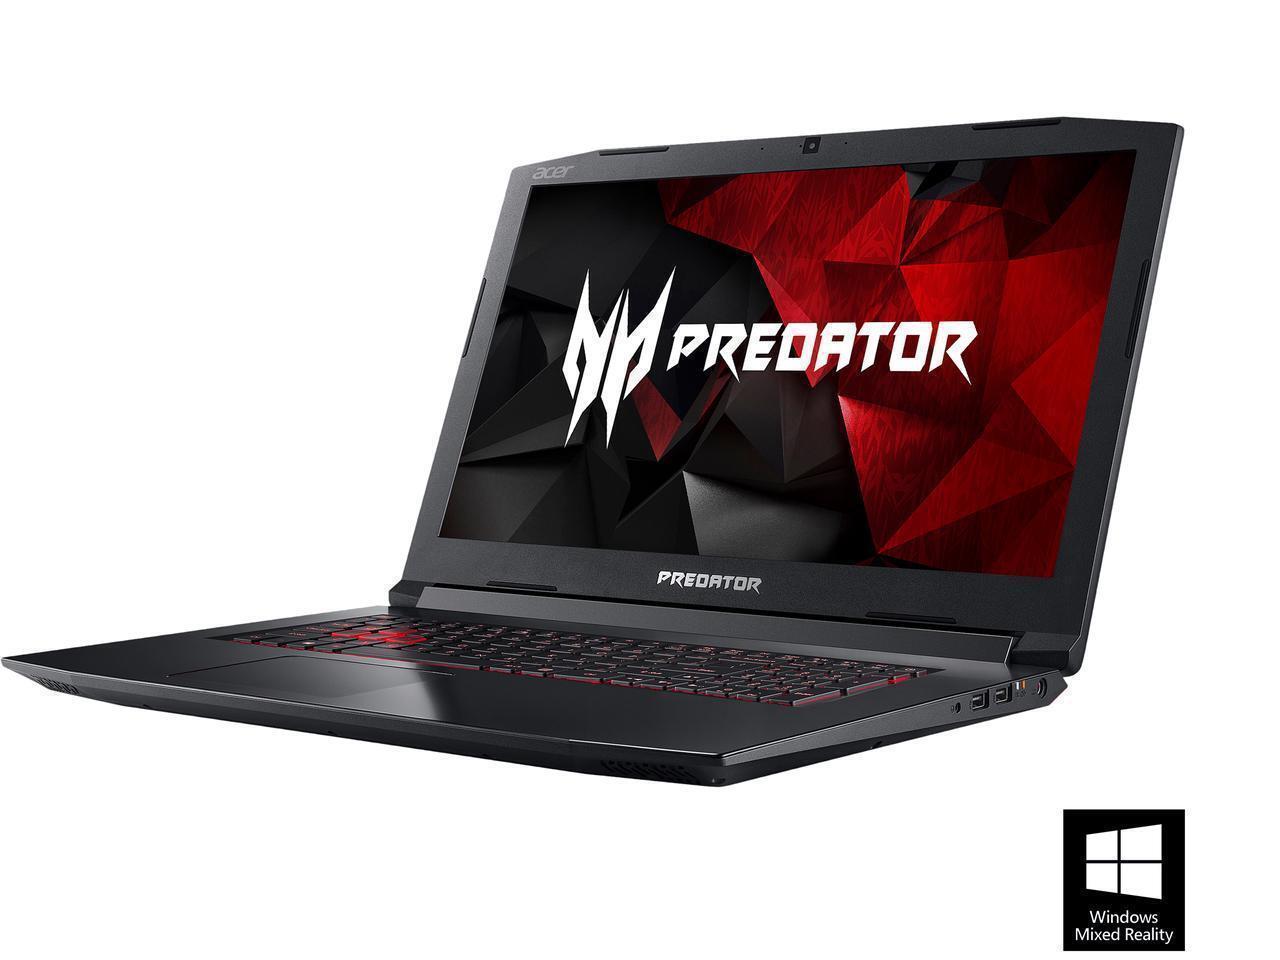 Acer Predator Helios 300 G3 571 77kb 156 Ips Intel I7 7700hq 6mb White Edition 16gb 256gb 1tb Gtx1060 Quad 280 380ghz 8gb Ddr4 Hdd Nvidia 6gb Gddr5 Win10home Notebook